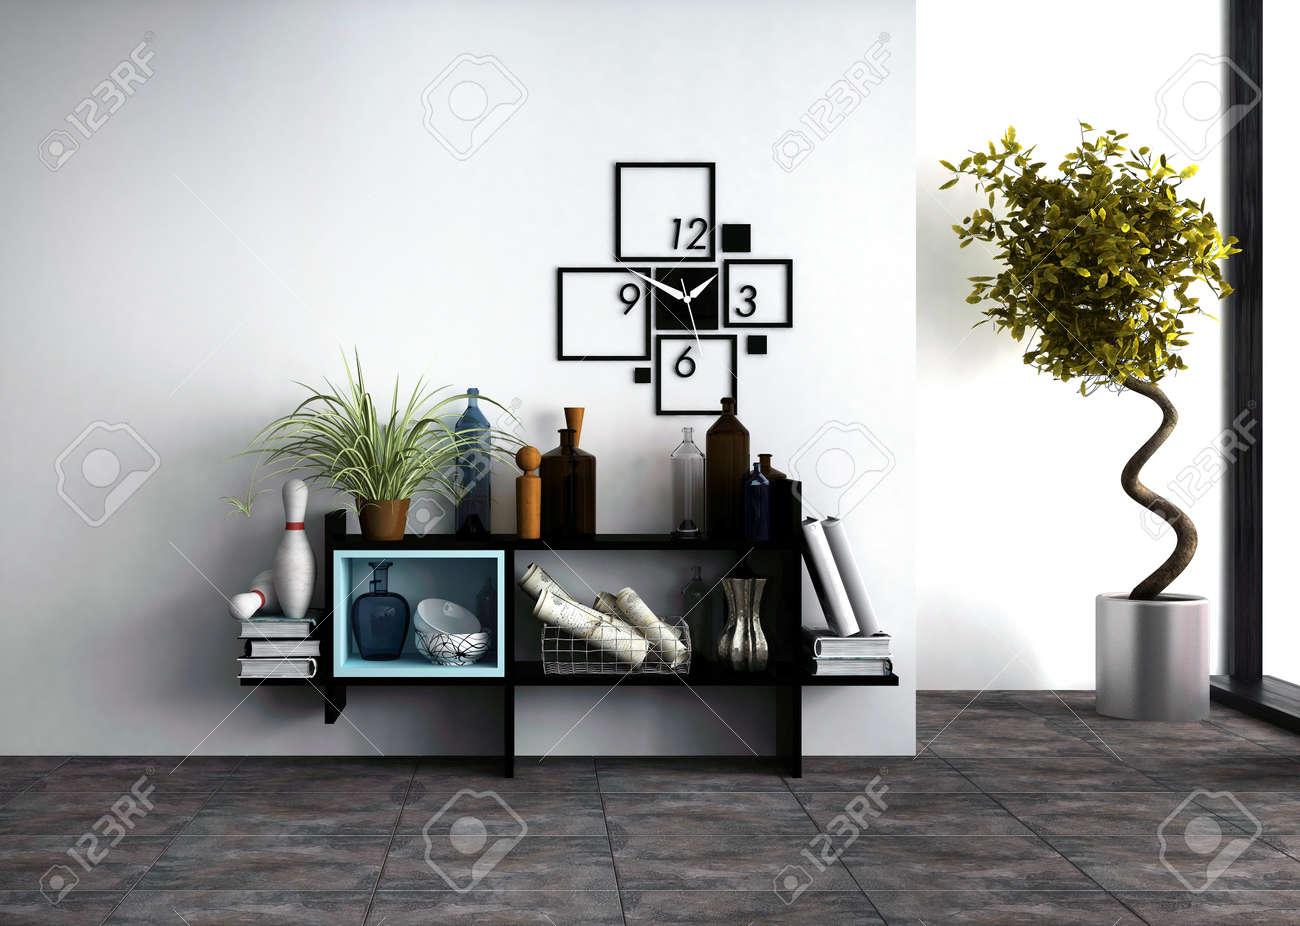 relojes de pared estantes montados en la pared con efectos personales y un reloj de